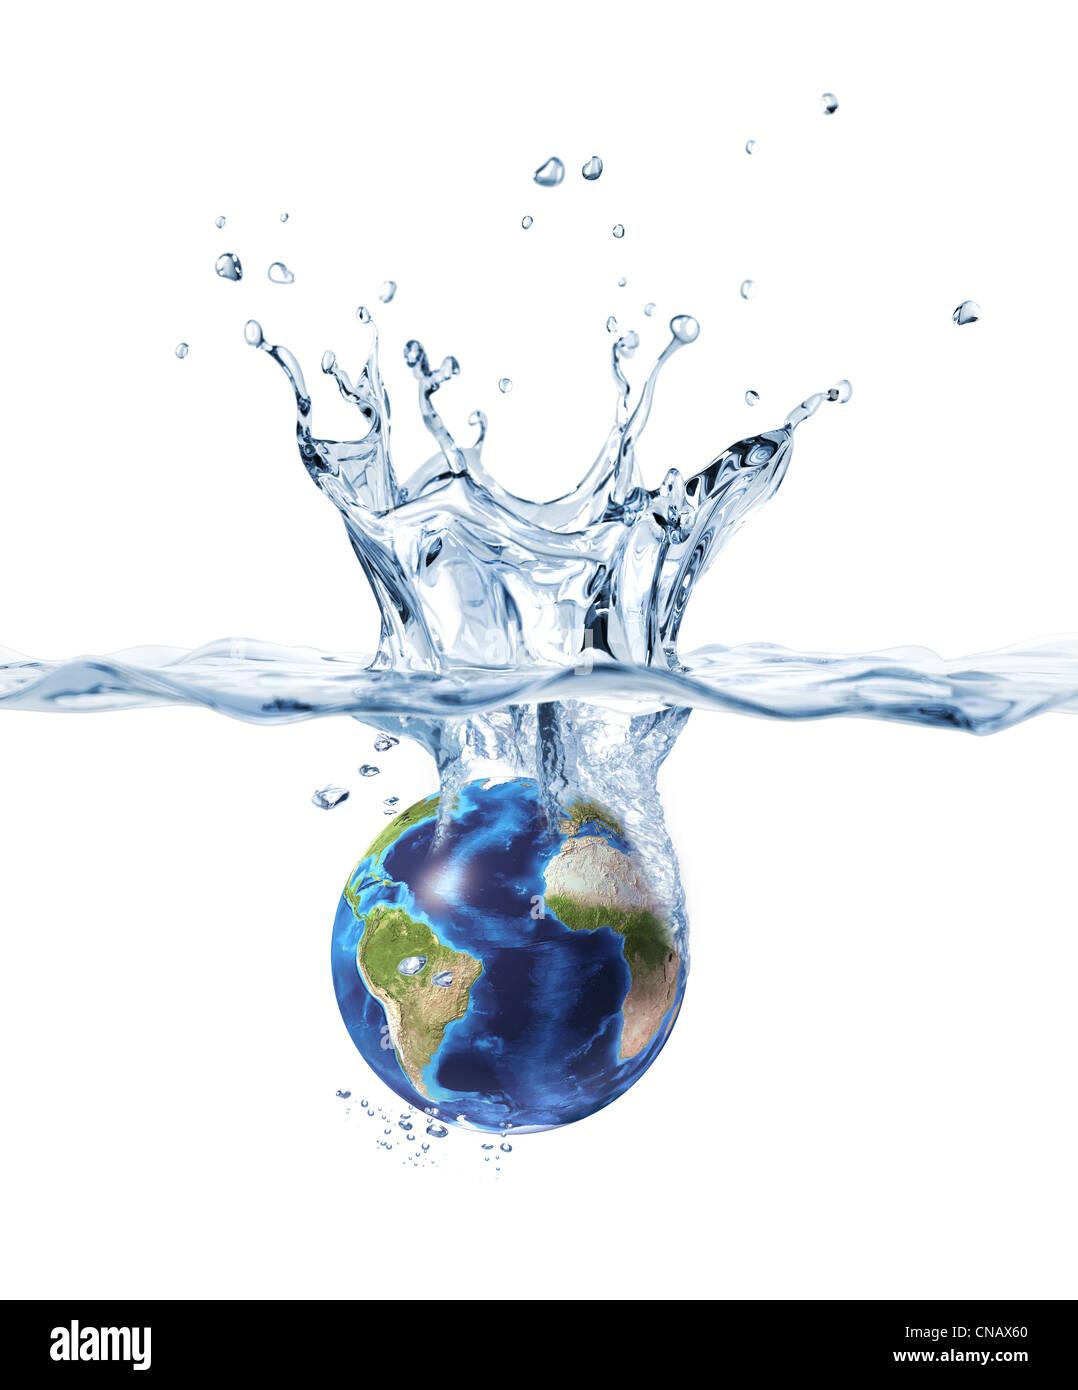 Il pianeta Terra, cadendo in acqua chiara, formando una corona splash. Immagini Stock